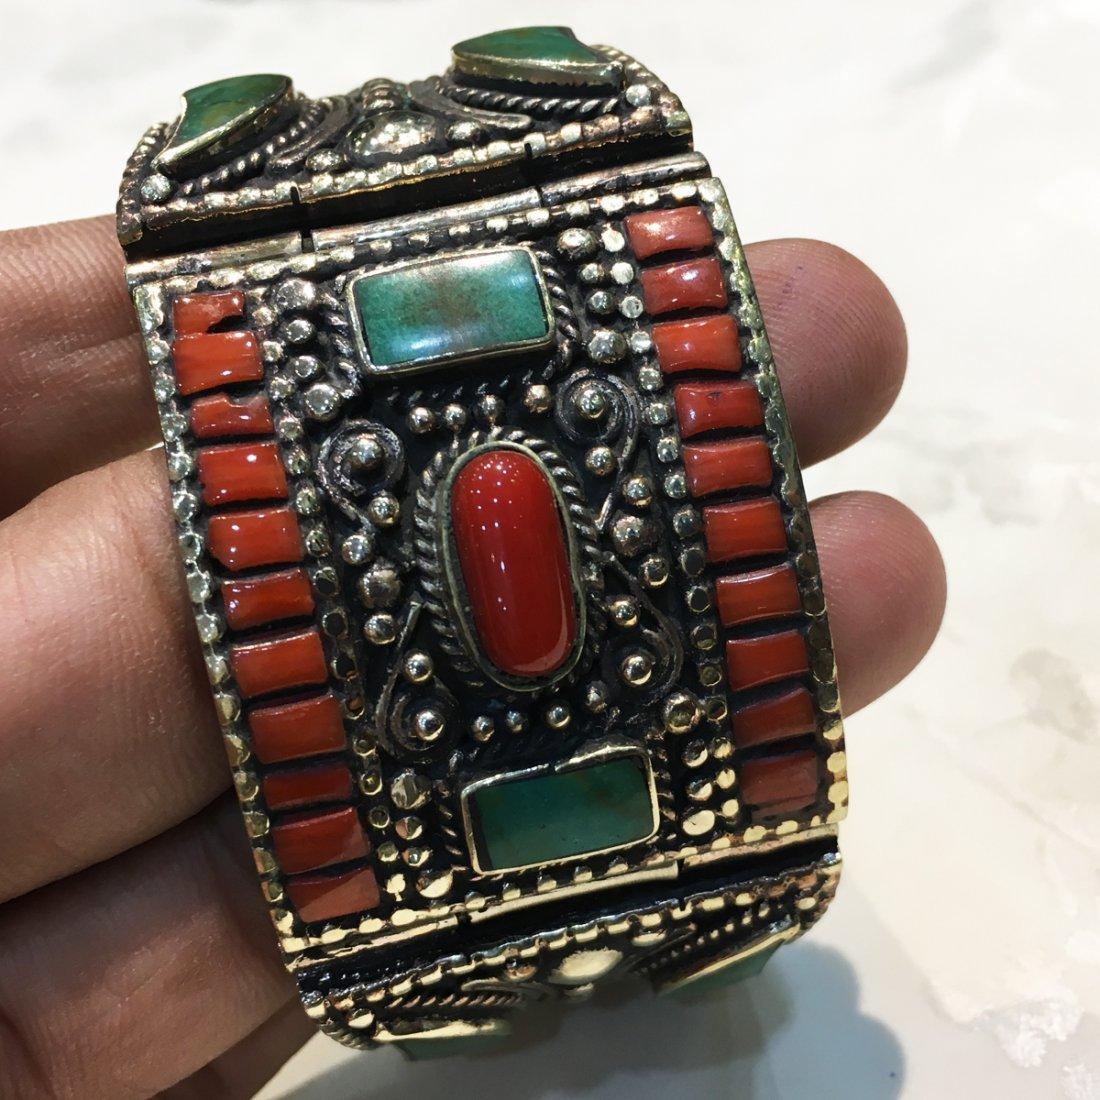 Tibetan Turquoise & Coral Handmade Bangle - 4